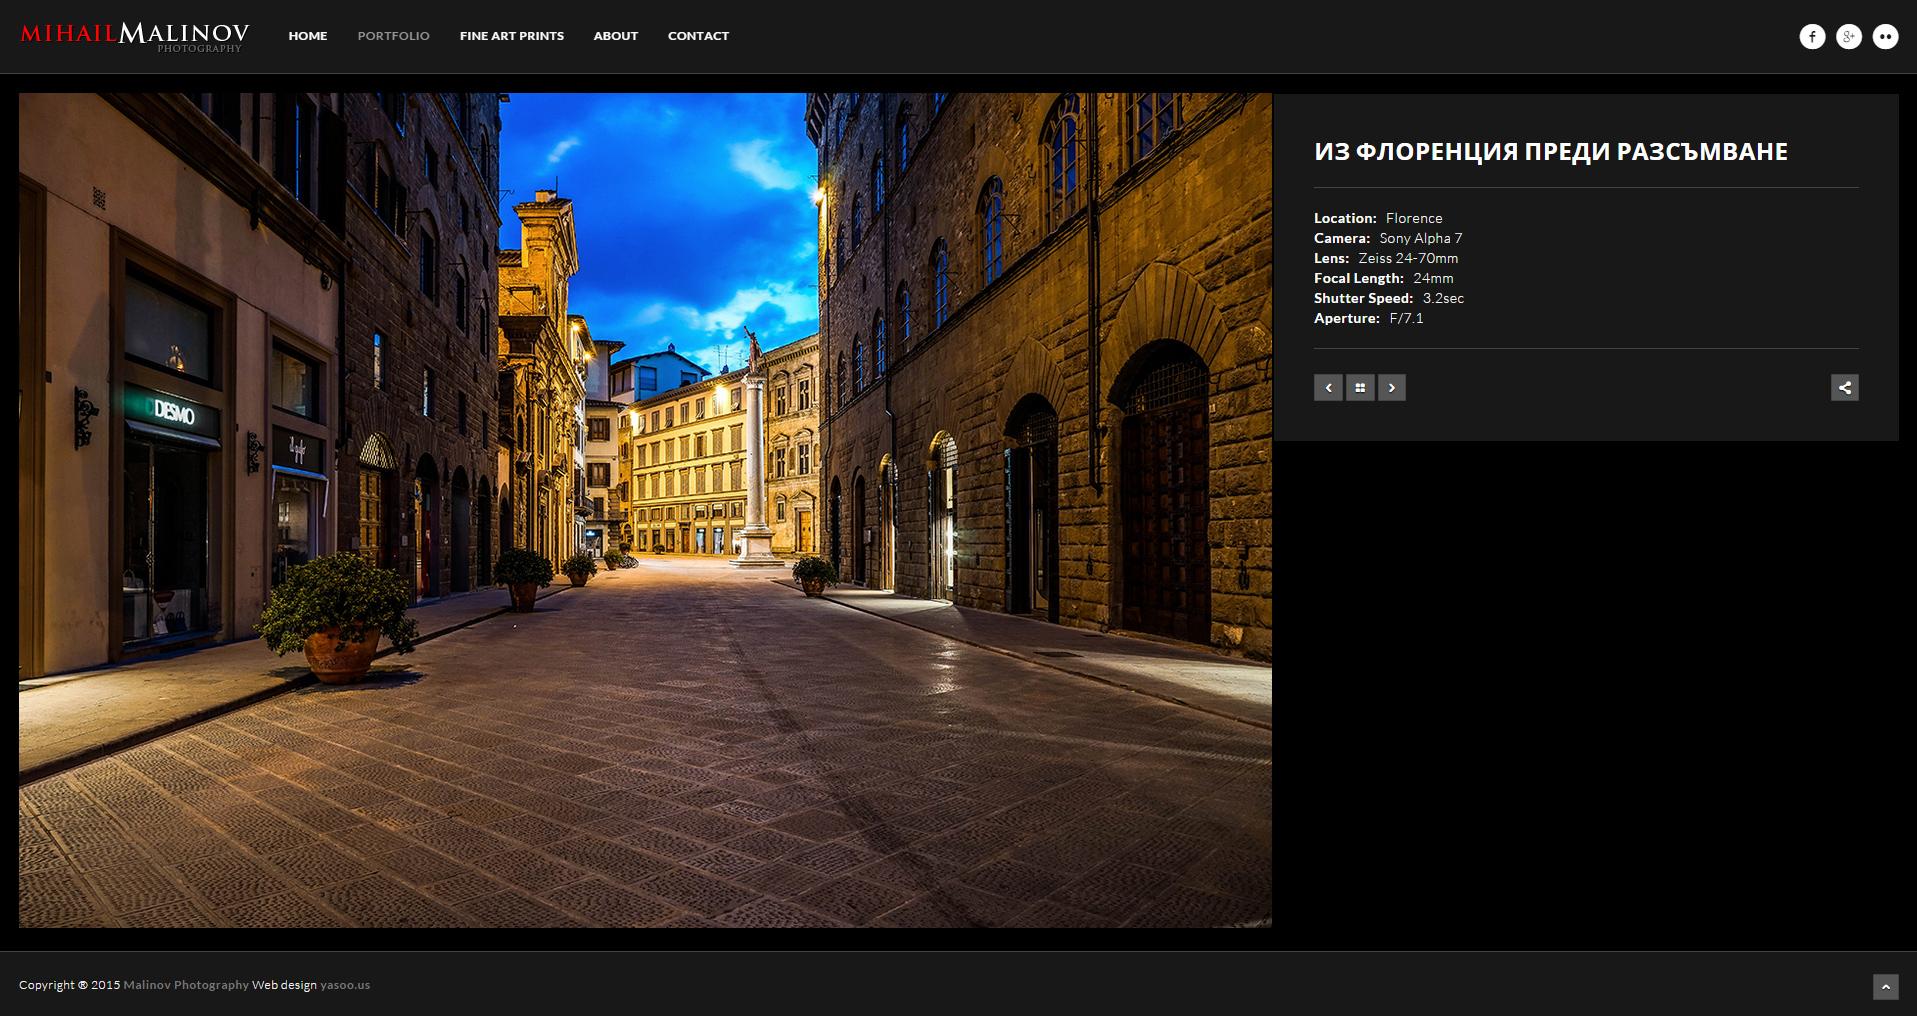 Личен уеб сайт на фотографа Михаил Малинов